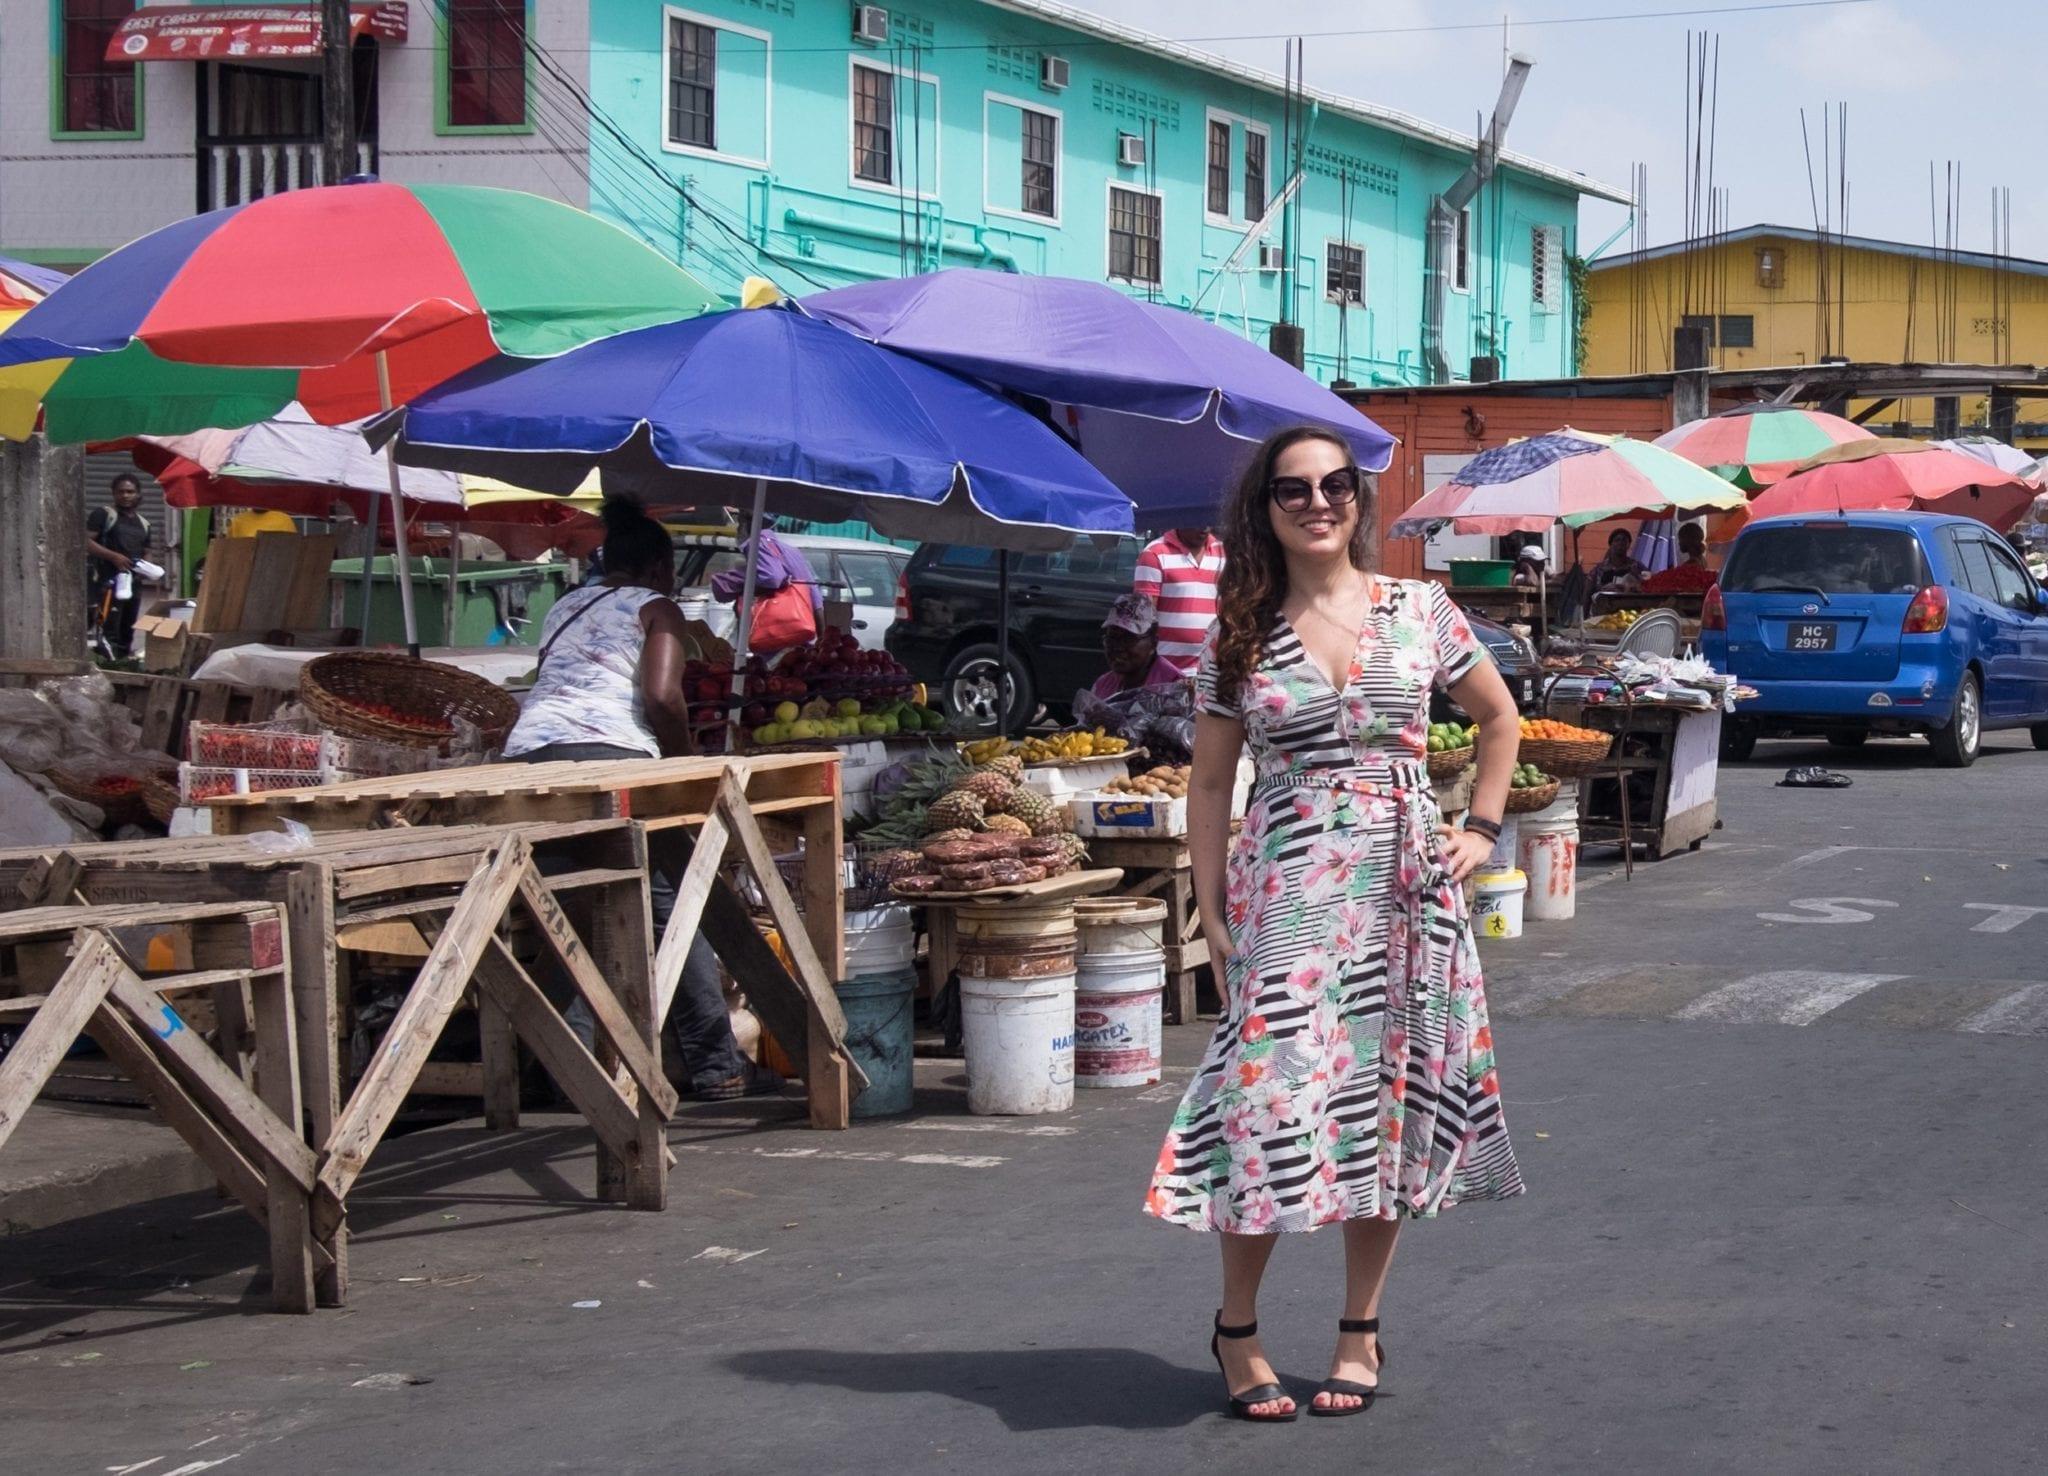 DSCF7183 ▷ ¿Qué es realmente como viajar a Guyana?